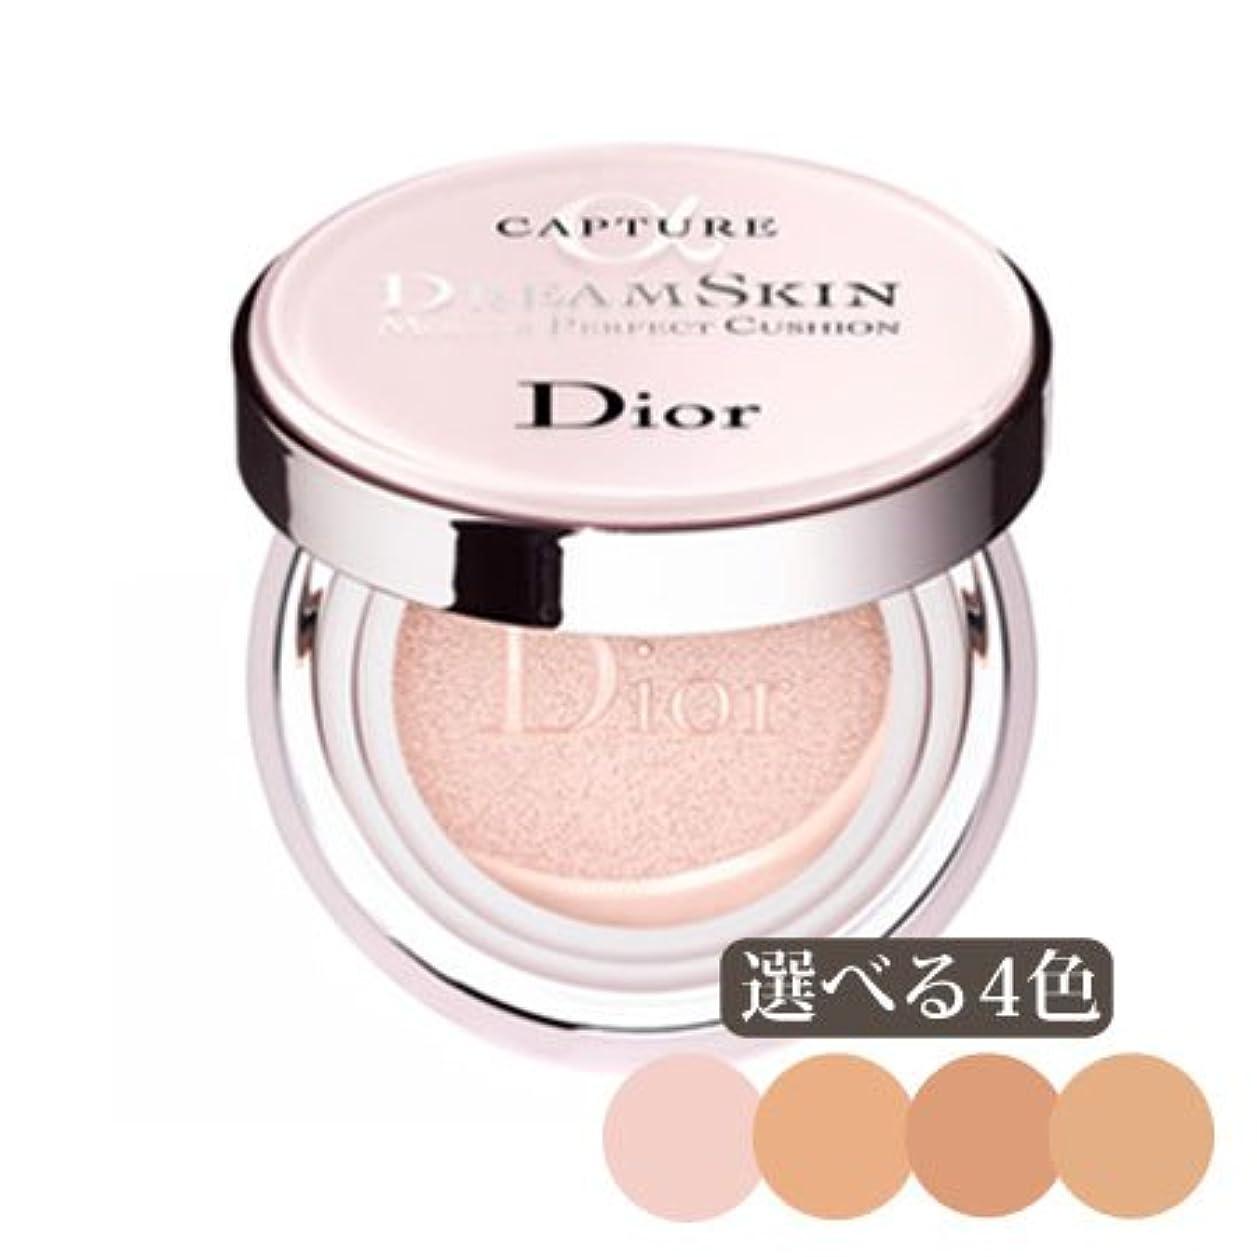 繰り返す震える山ディオール カプチュール ドリームスキン モイスト クッション 選べる4色 -Dior- 010